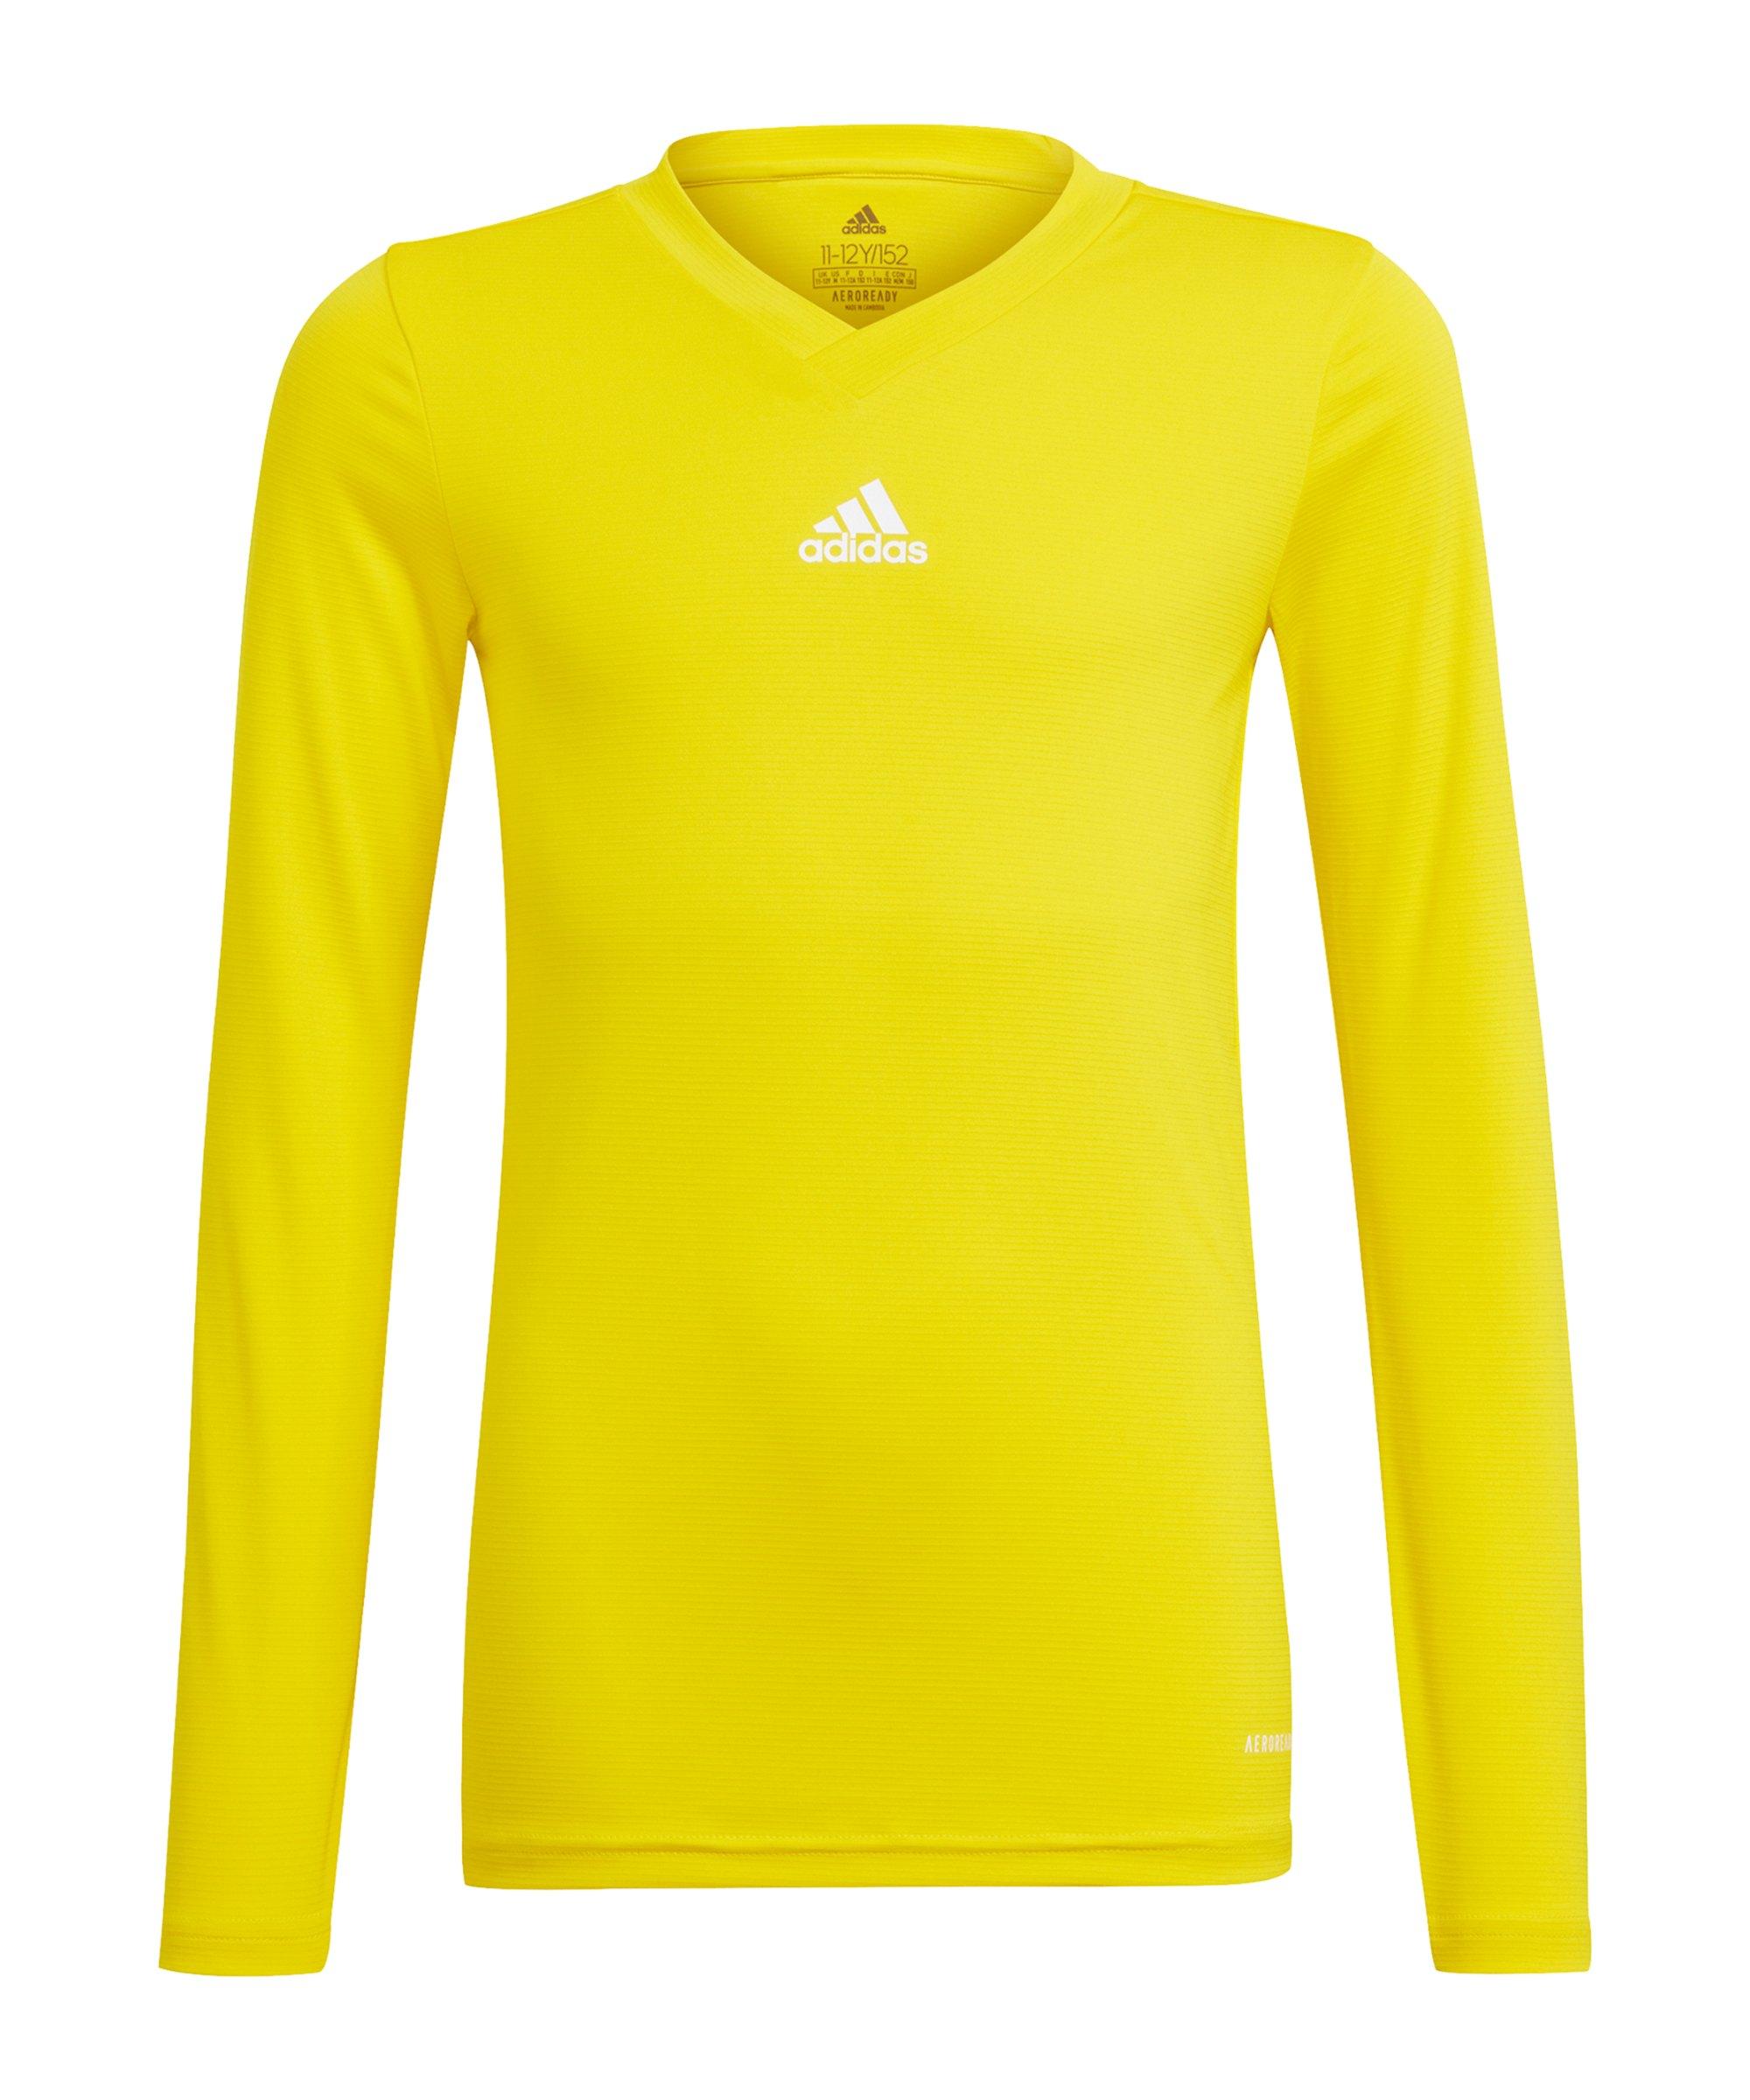 adidas Team Base Top langarm Kids Gelb - gelb